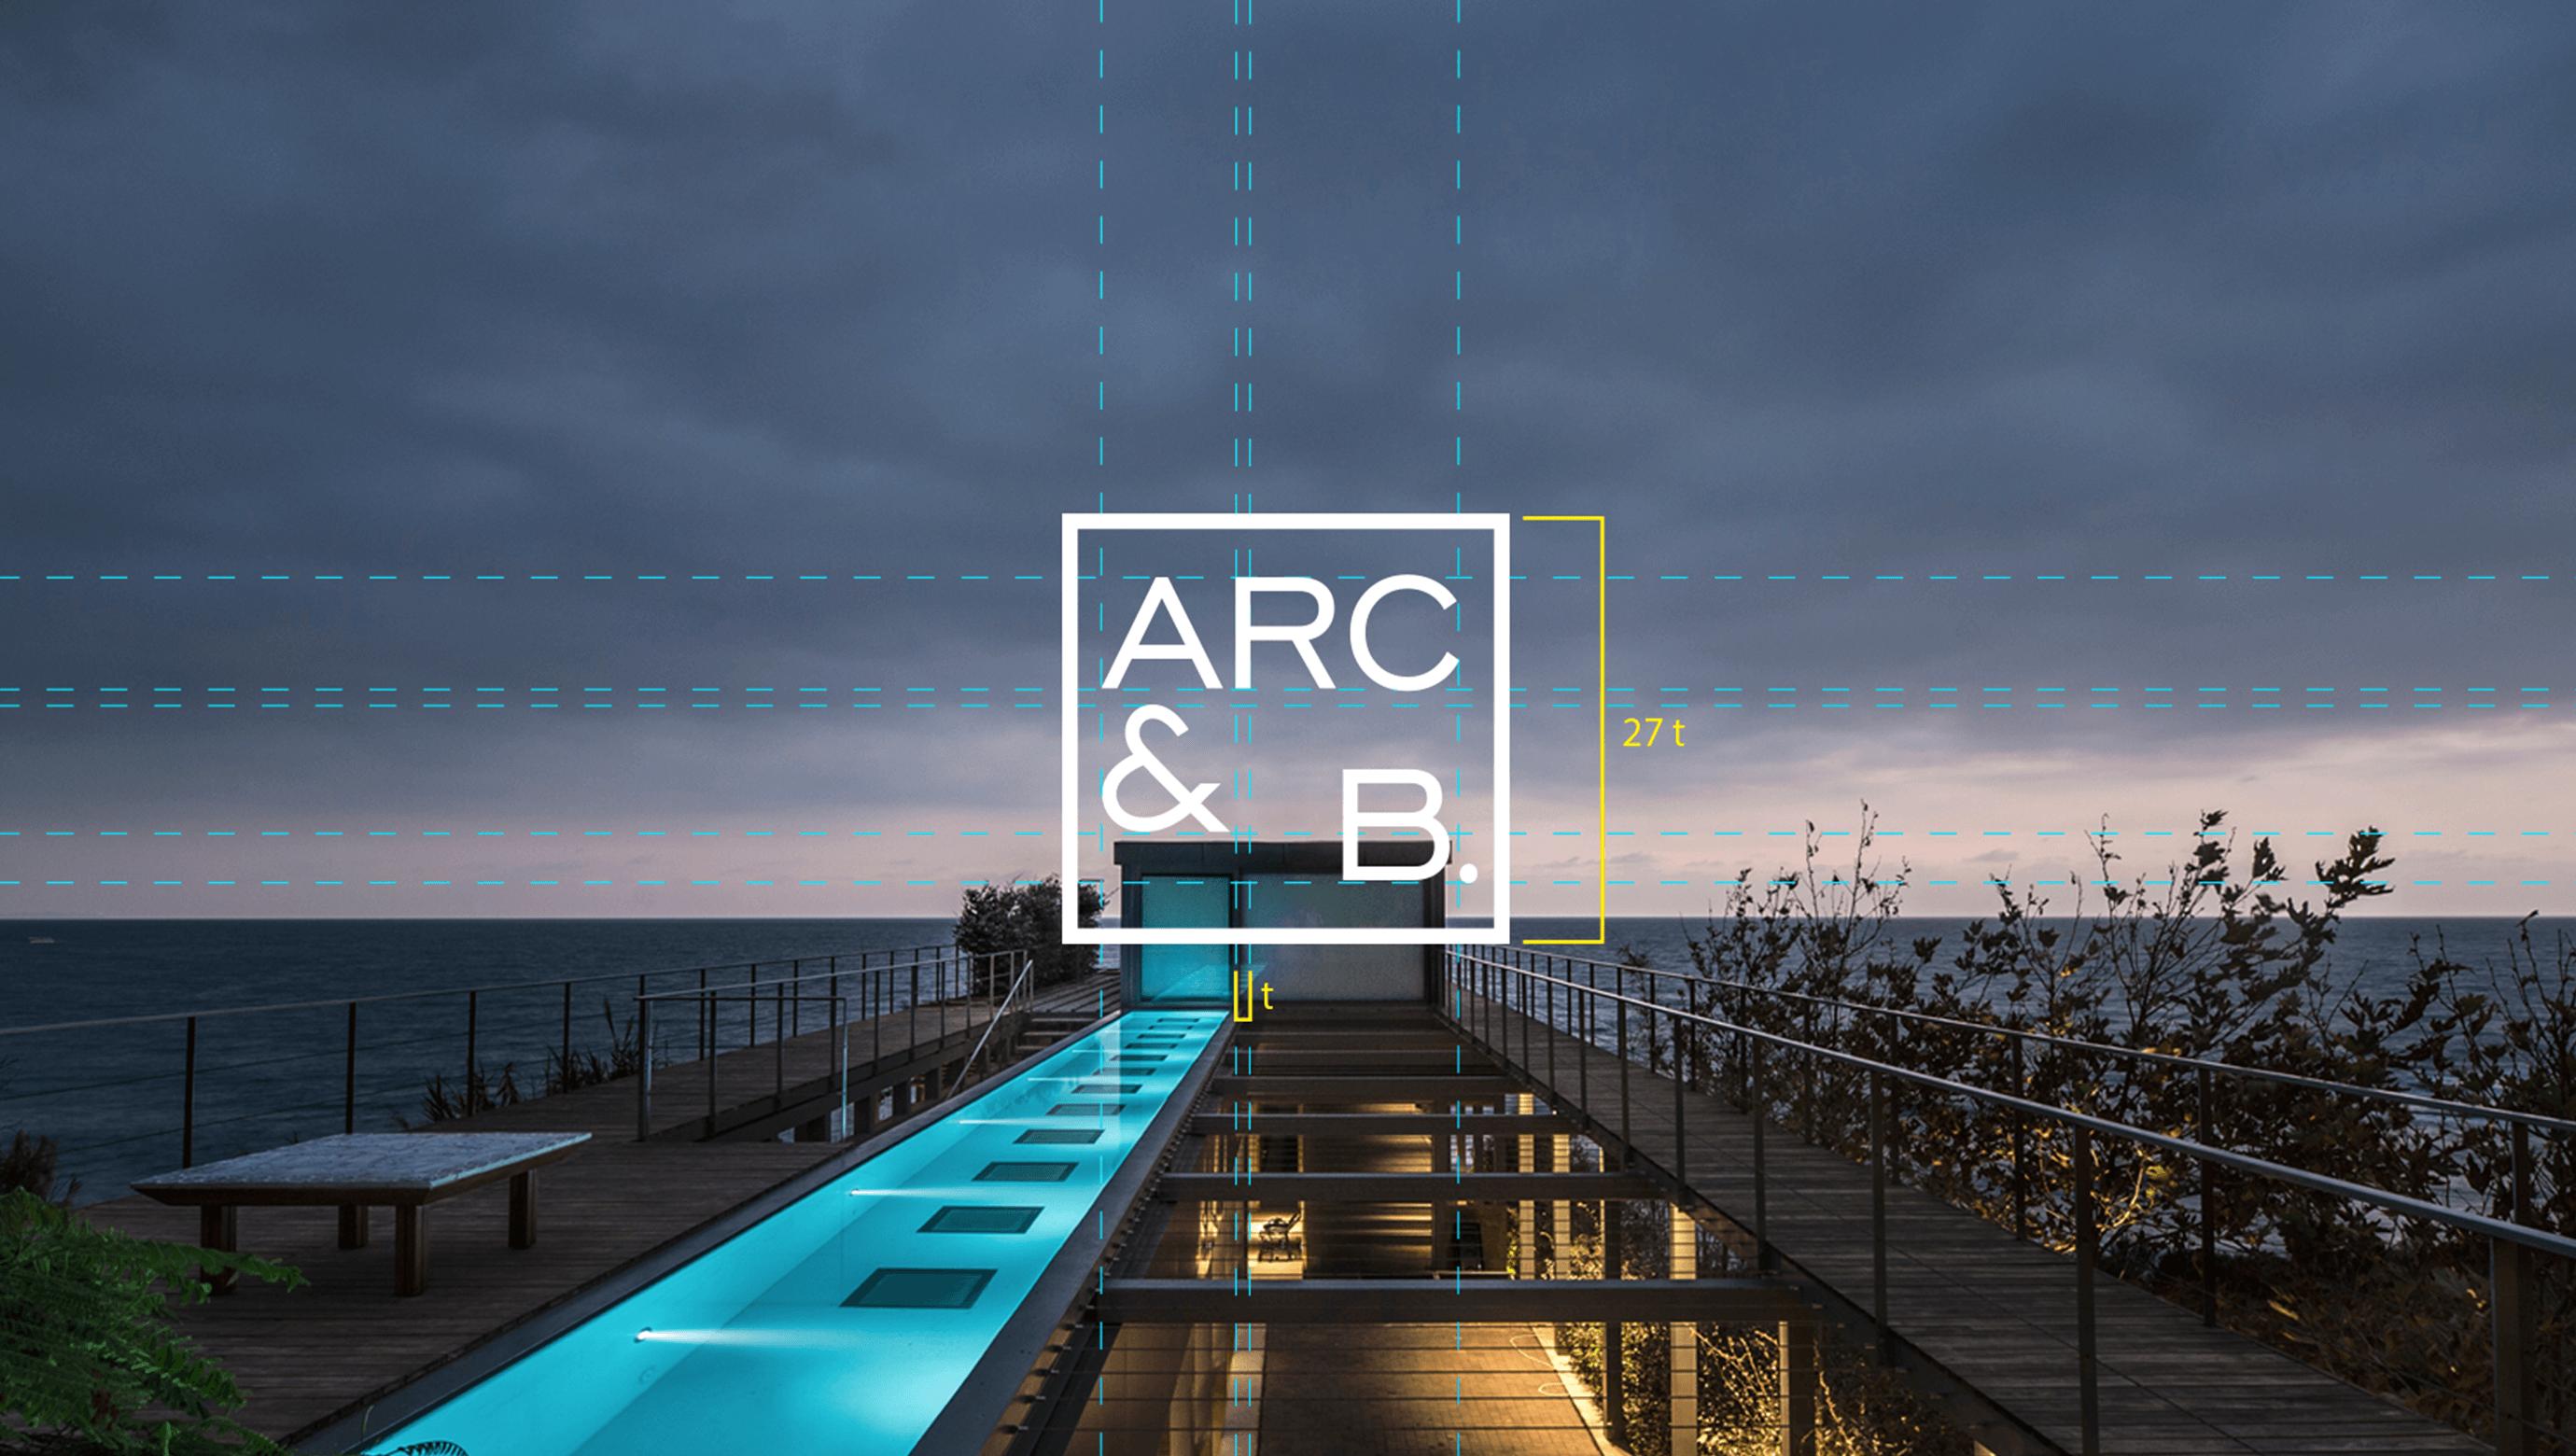 ARC & B